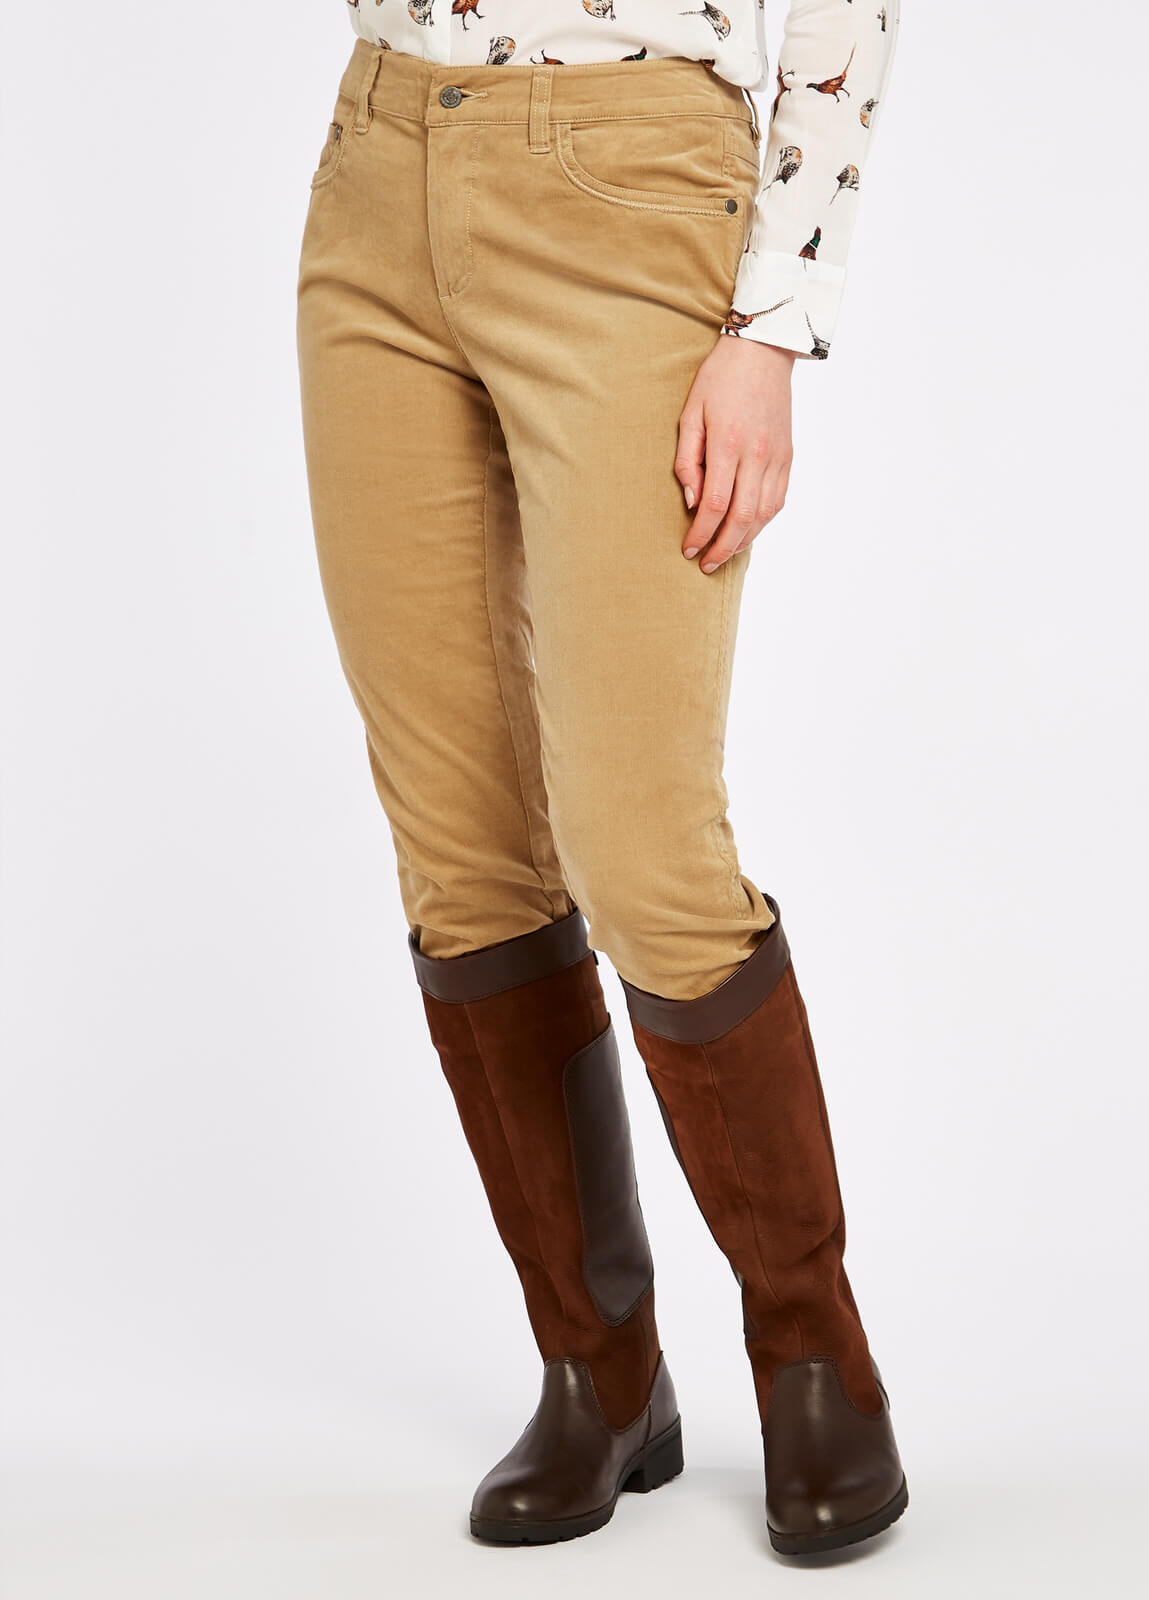 Dubarry_Honeysuckle_Jeans_Camel_on_model